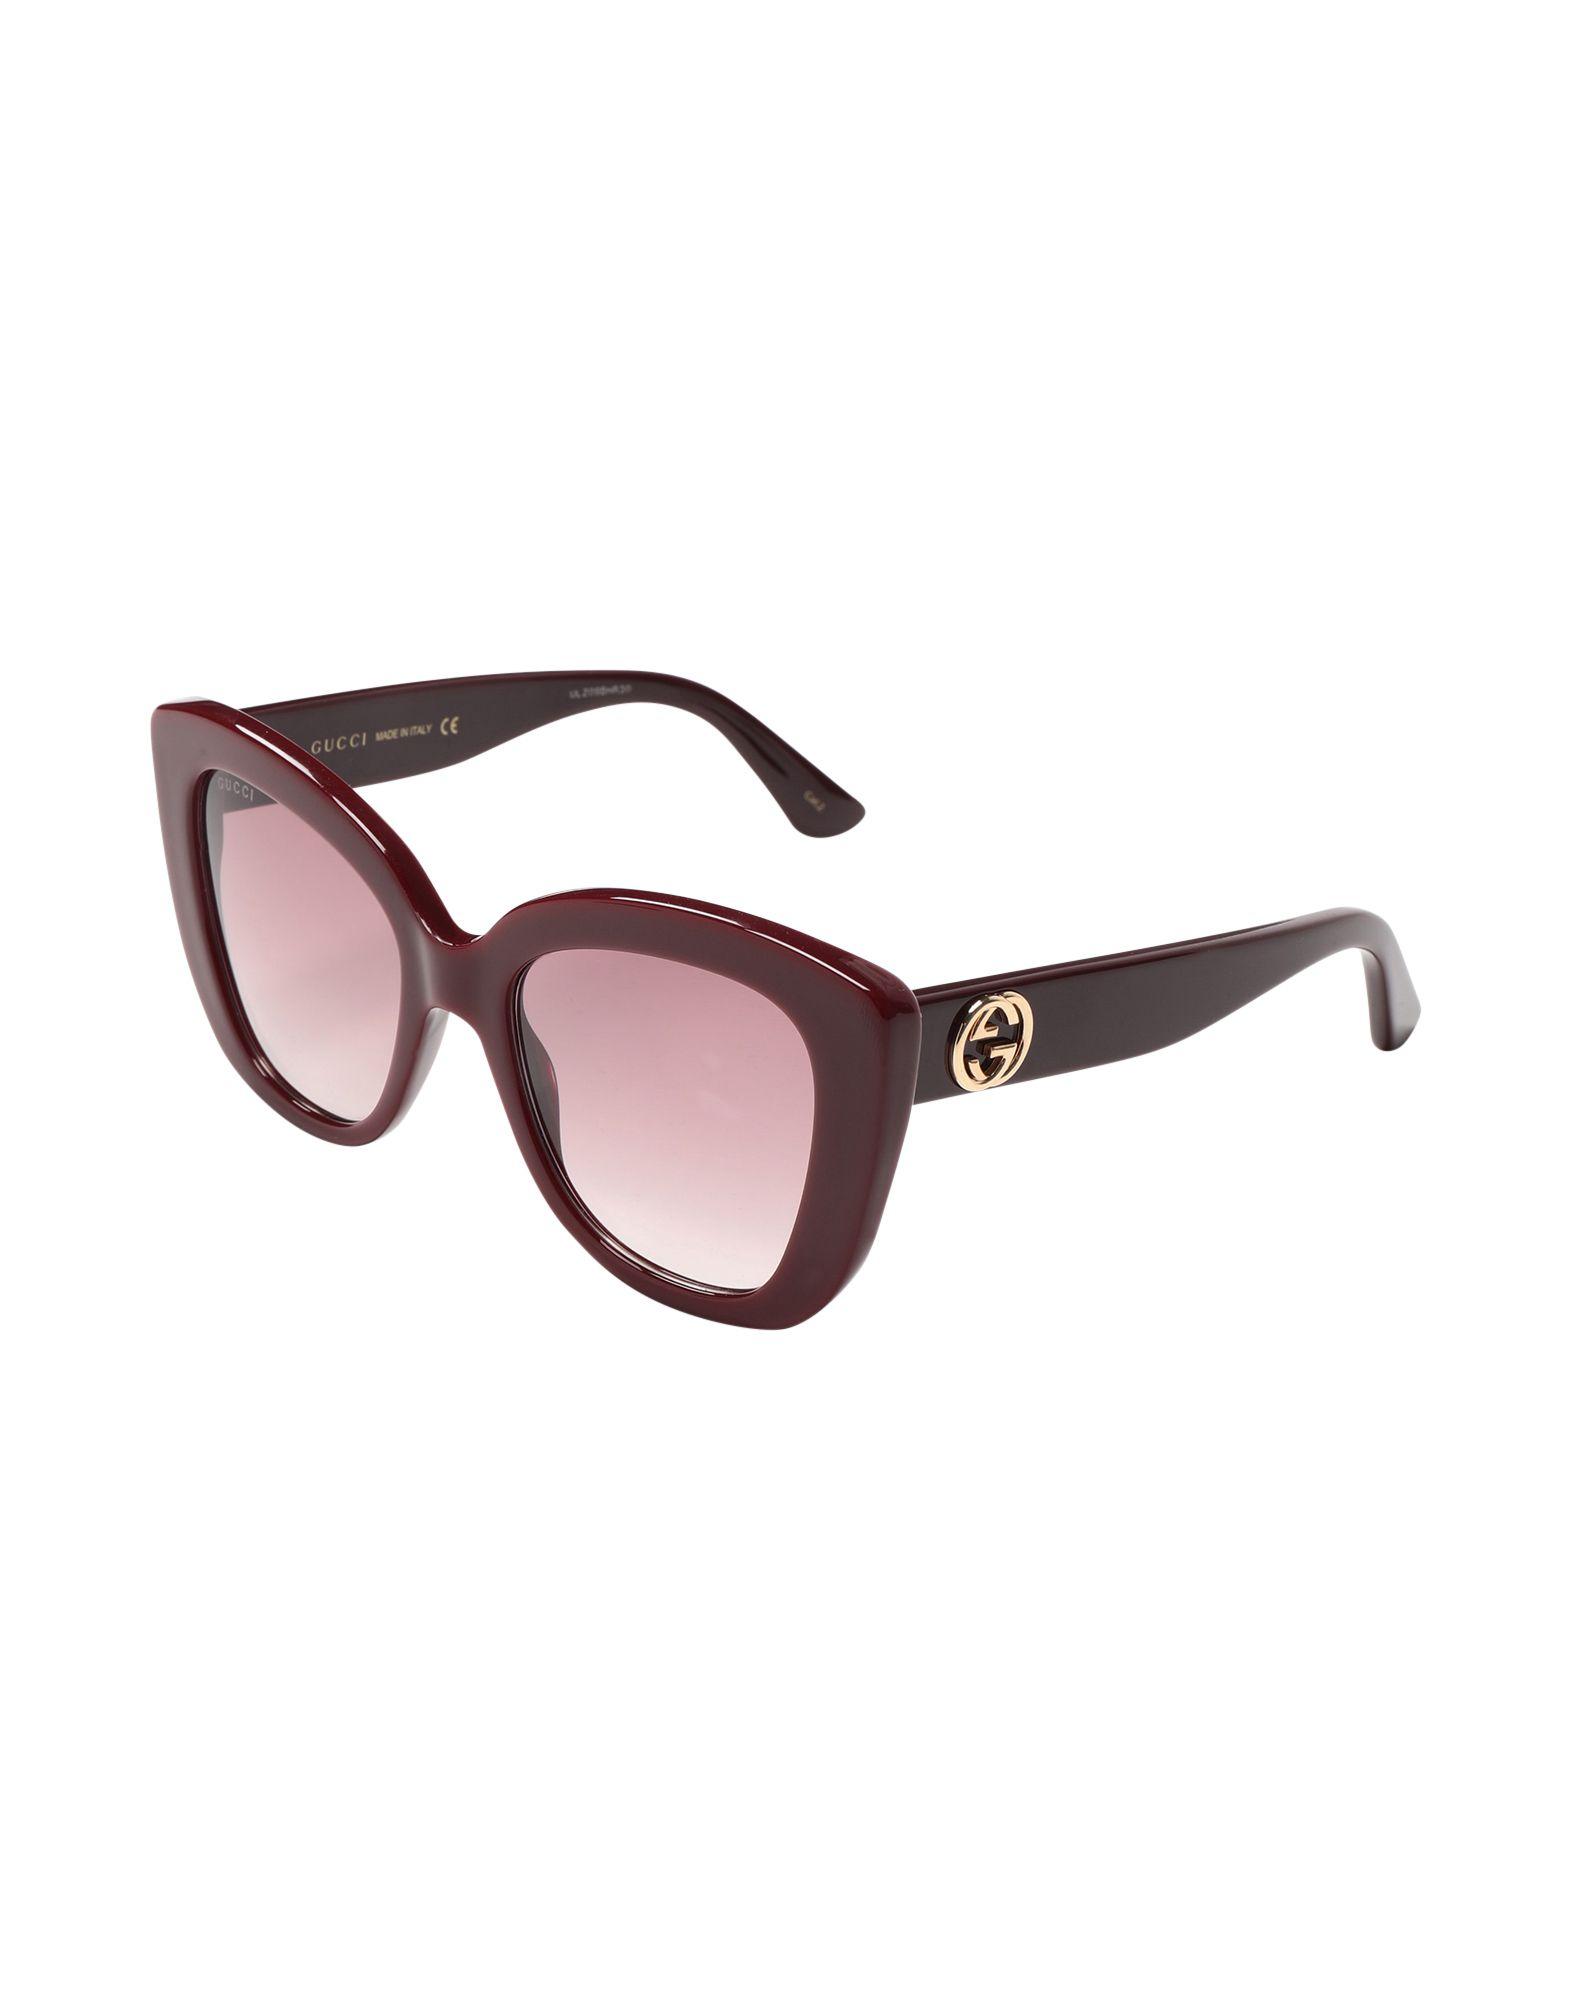 GUCCI Солнечные очки бусины monisto стекло кошачий глаз круглые 4мм оранжевый около 66шт нить 14z7738